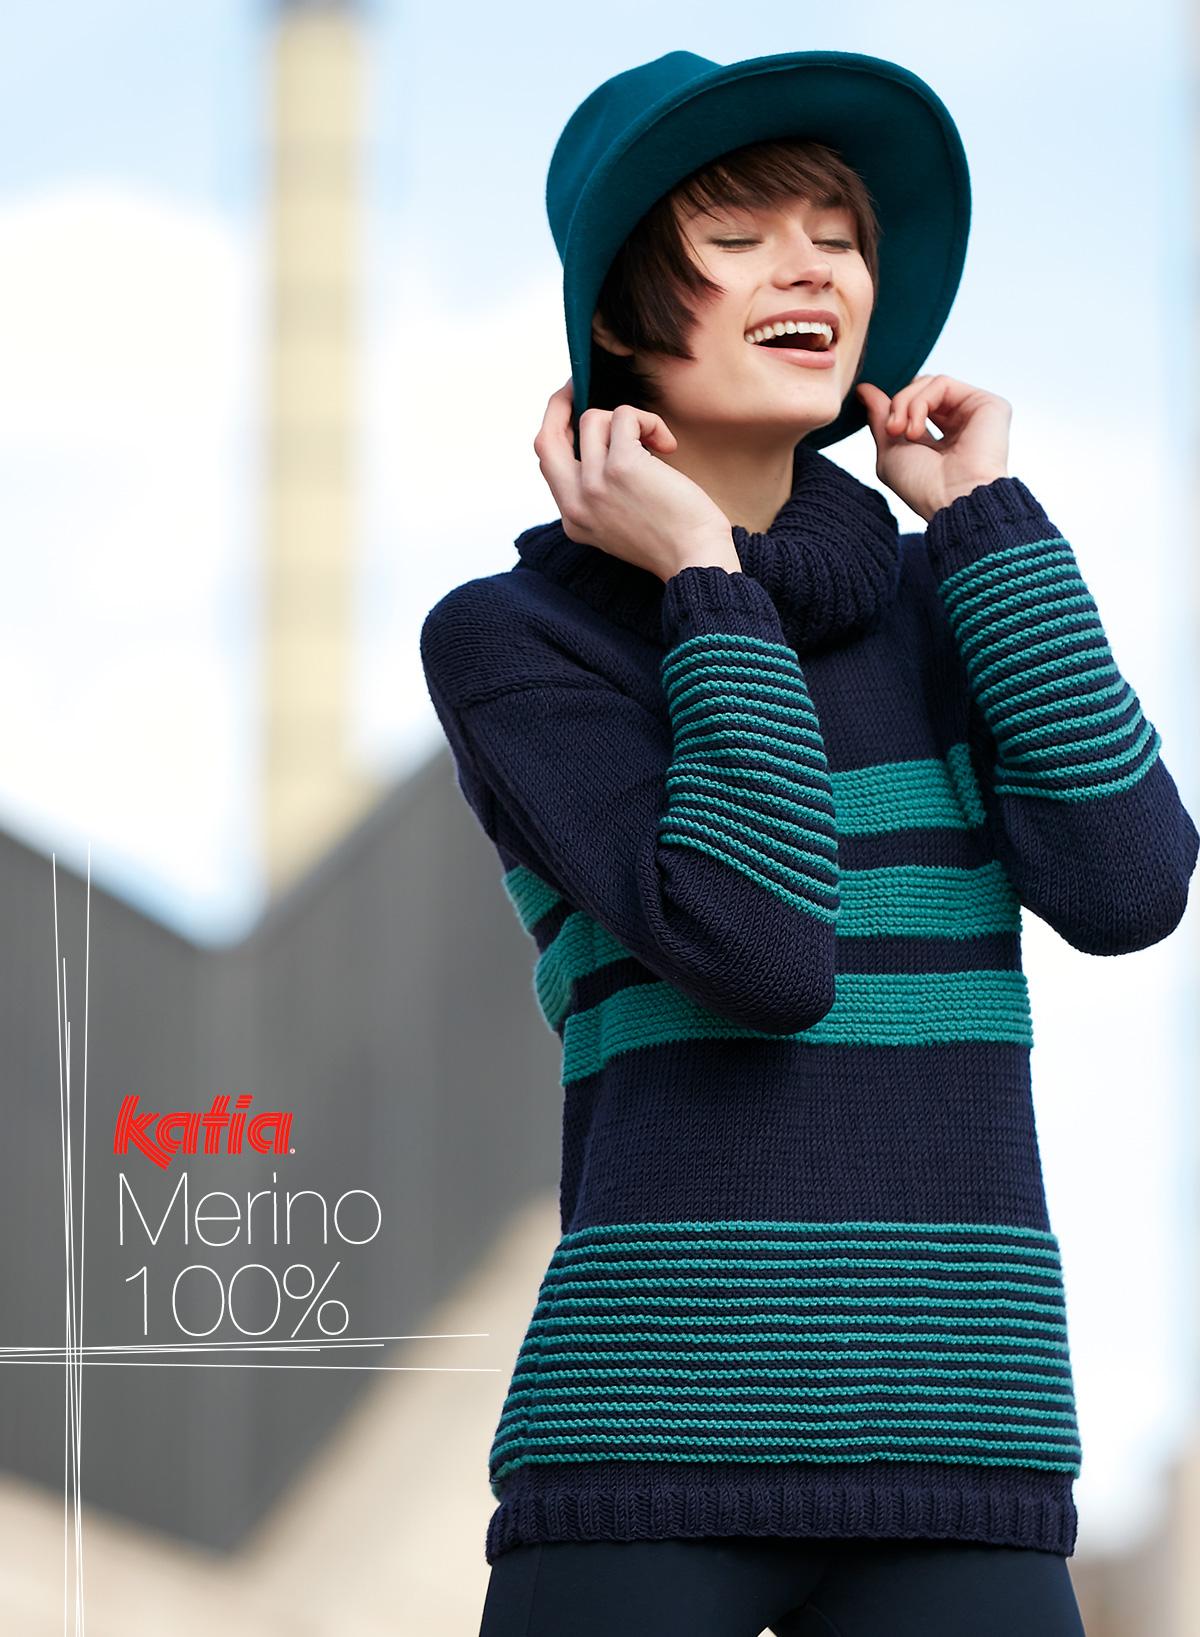 Lana Merino: la fibra 100% natural de moda en 7 prendas de punto